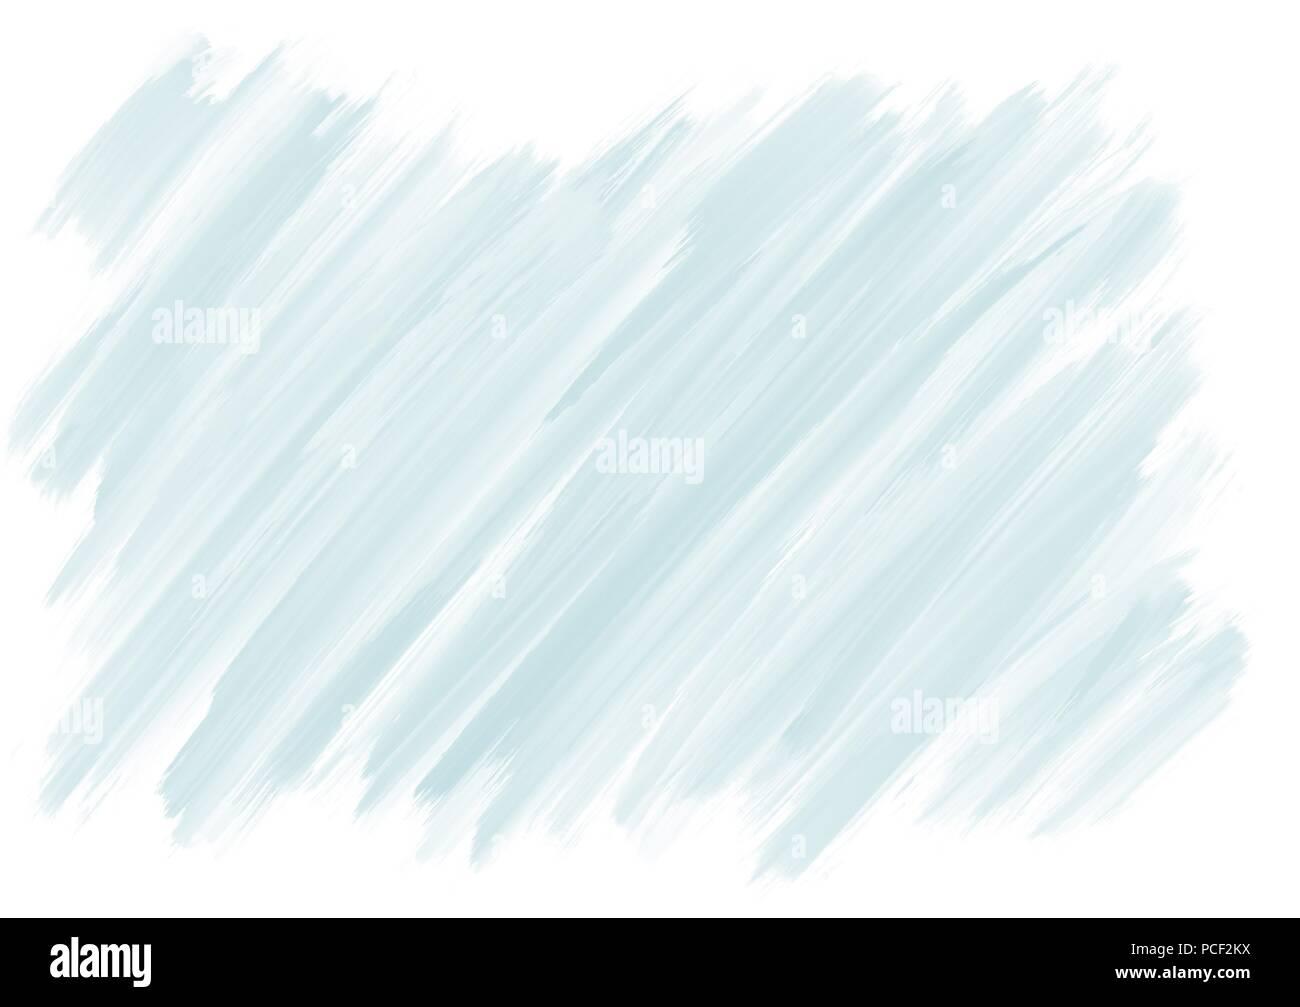 Hellblau gouache Farbe Hand gezeichnet Hintergrund Abbildung Stockbild